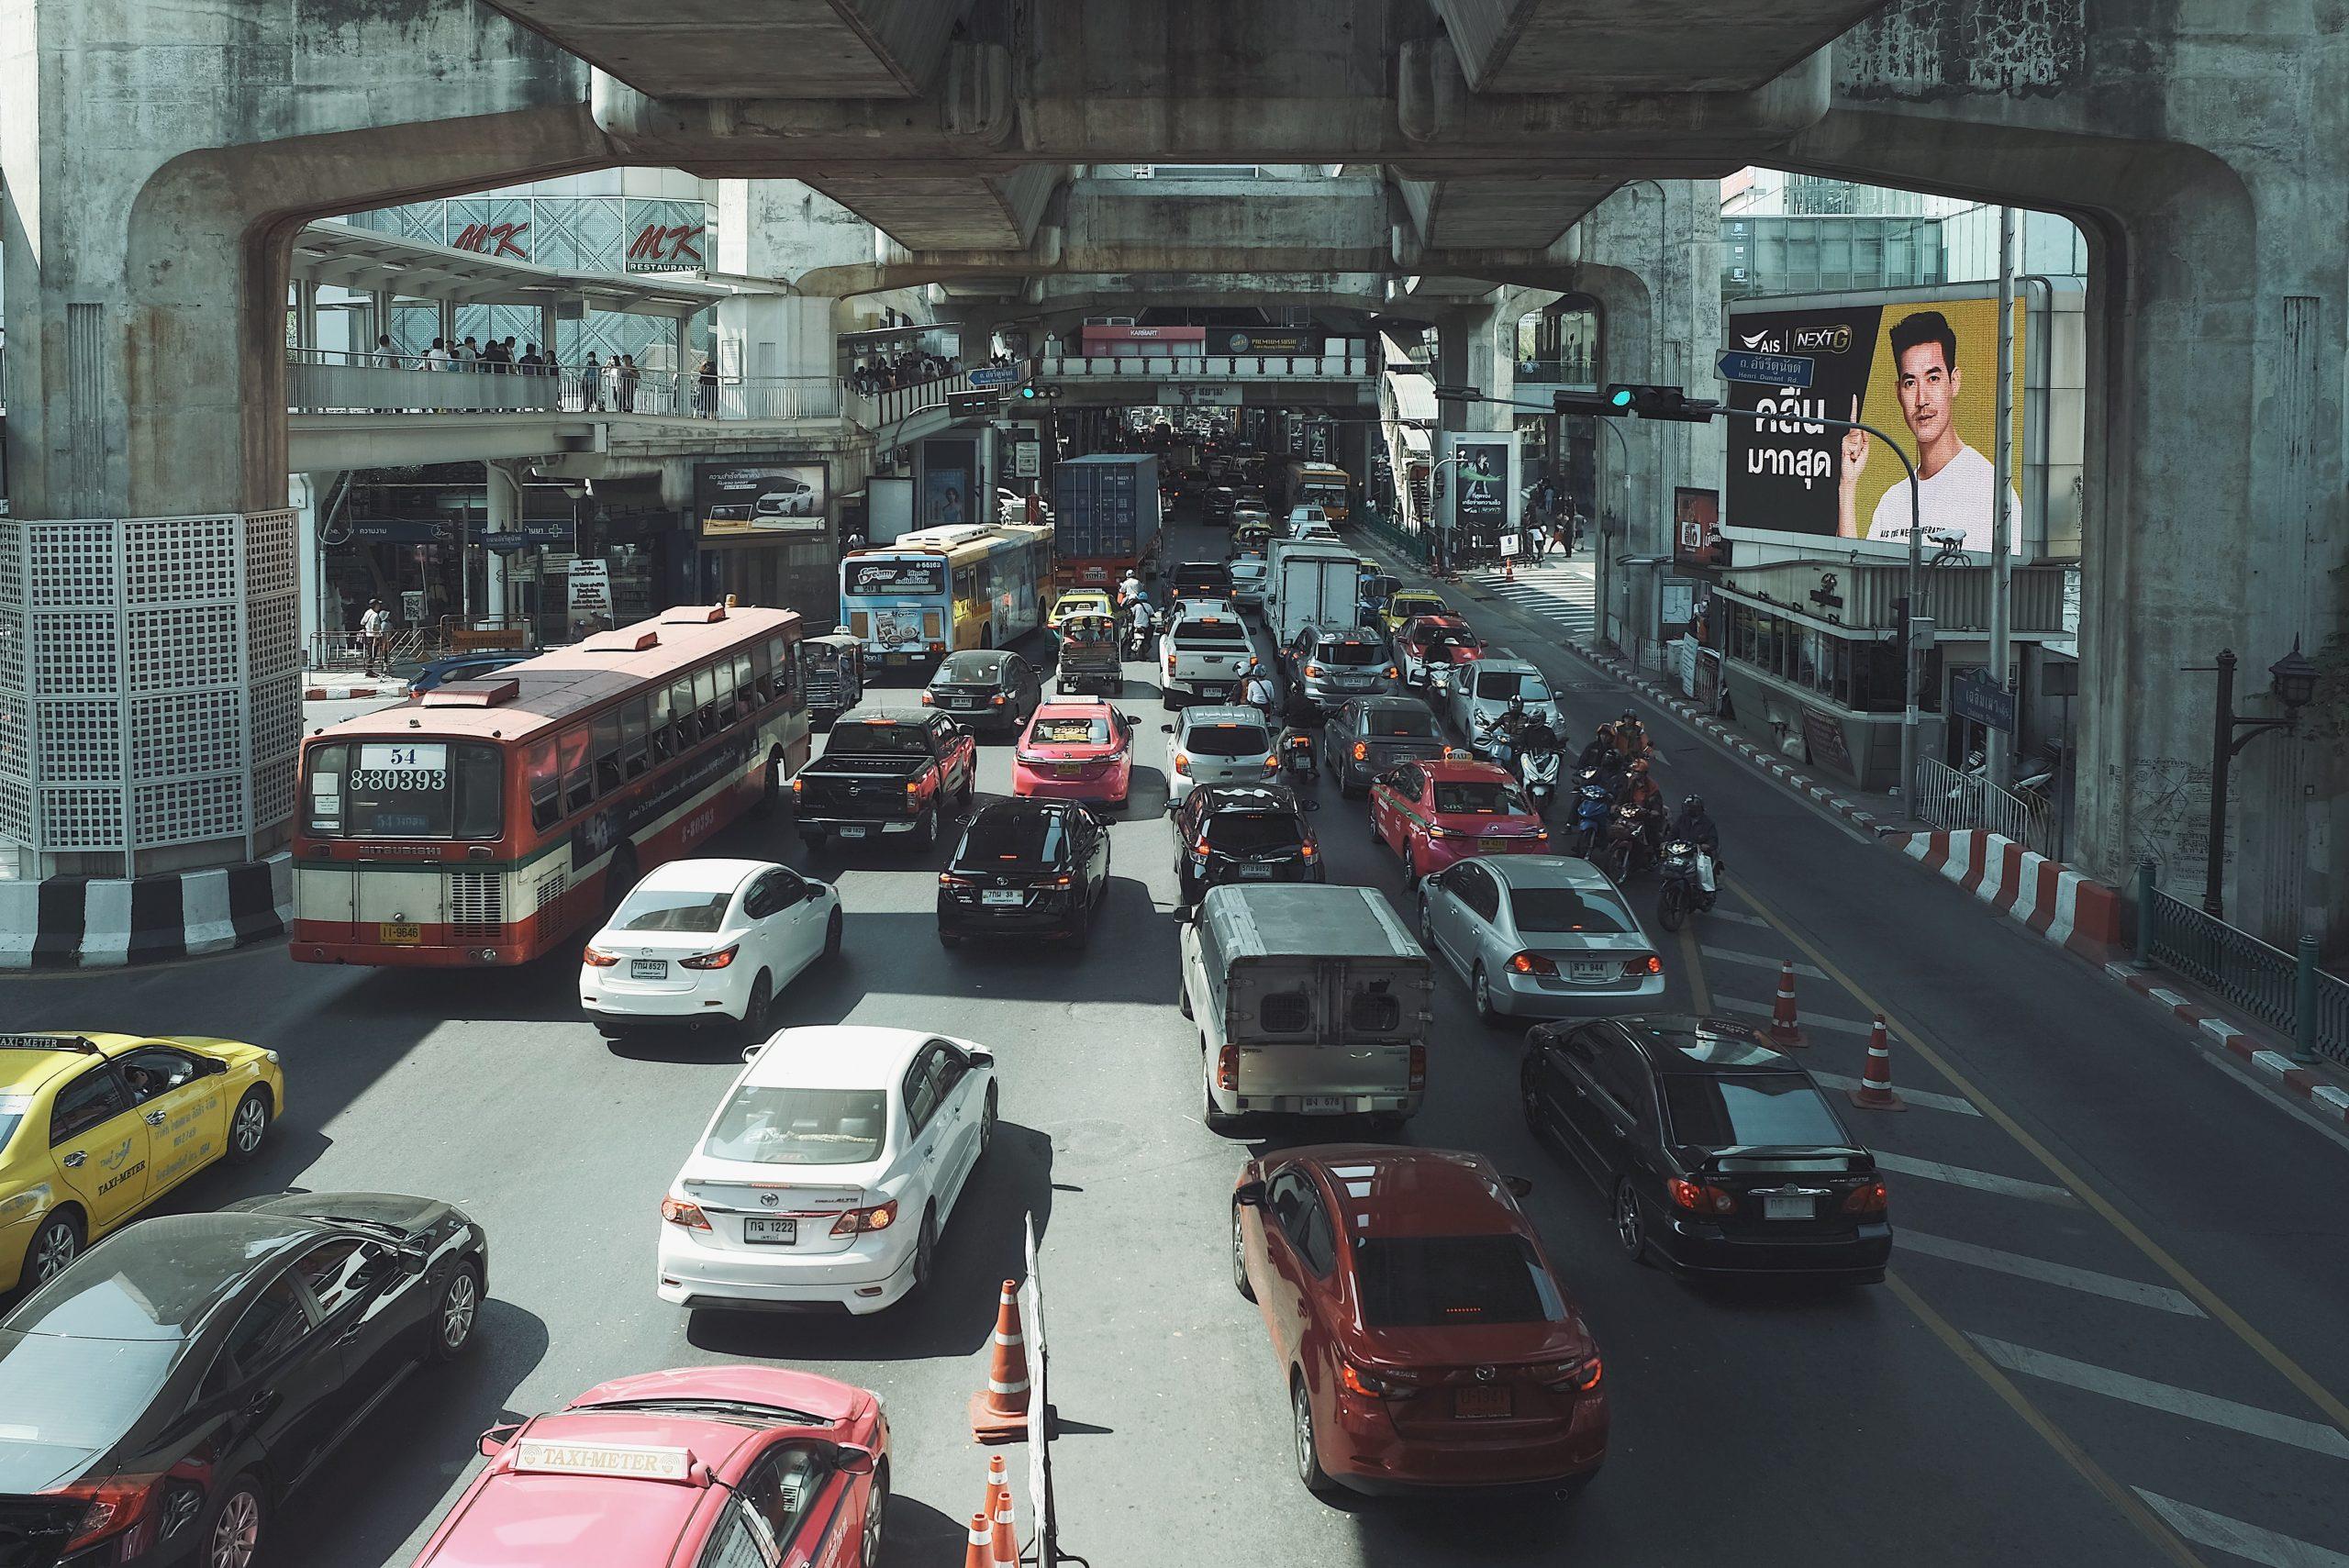 รถติดในเมือง , ฝุ่นและควันพิษ , เครื่องฟอกอากาศในรถยนต์ , รถติด ฝุ่นควัน